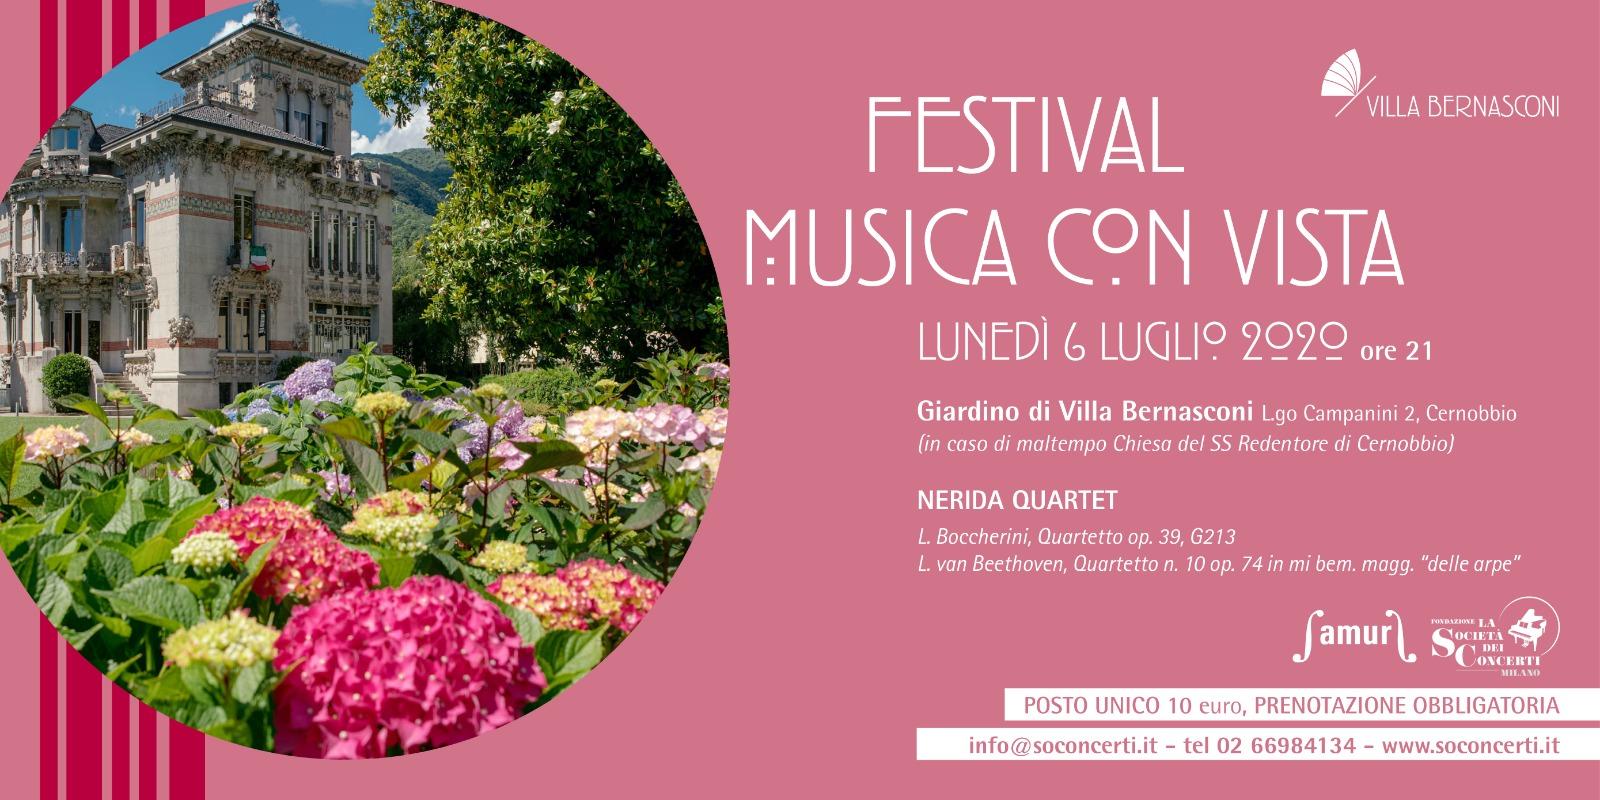 FESTIVAL MUSICA CON VISTA